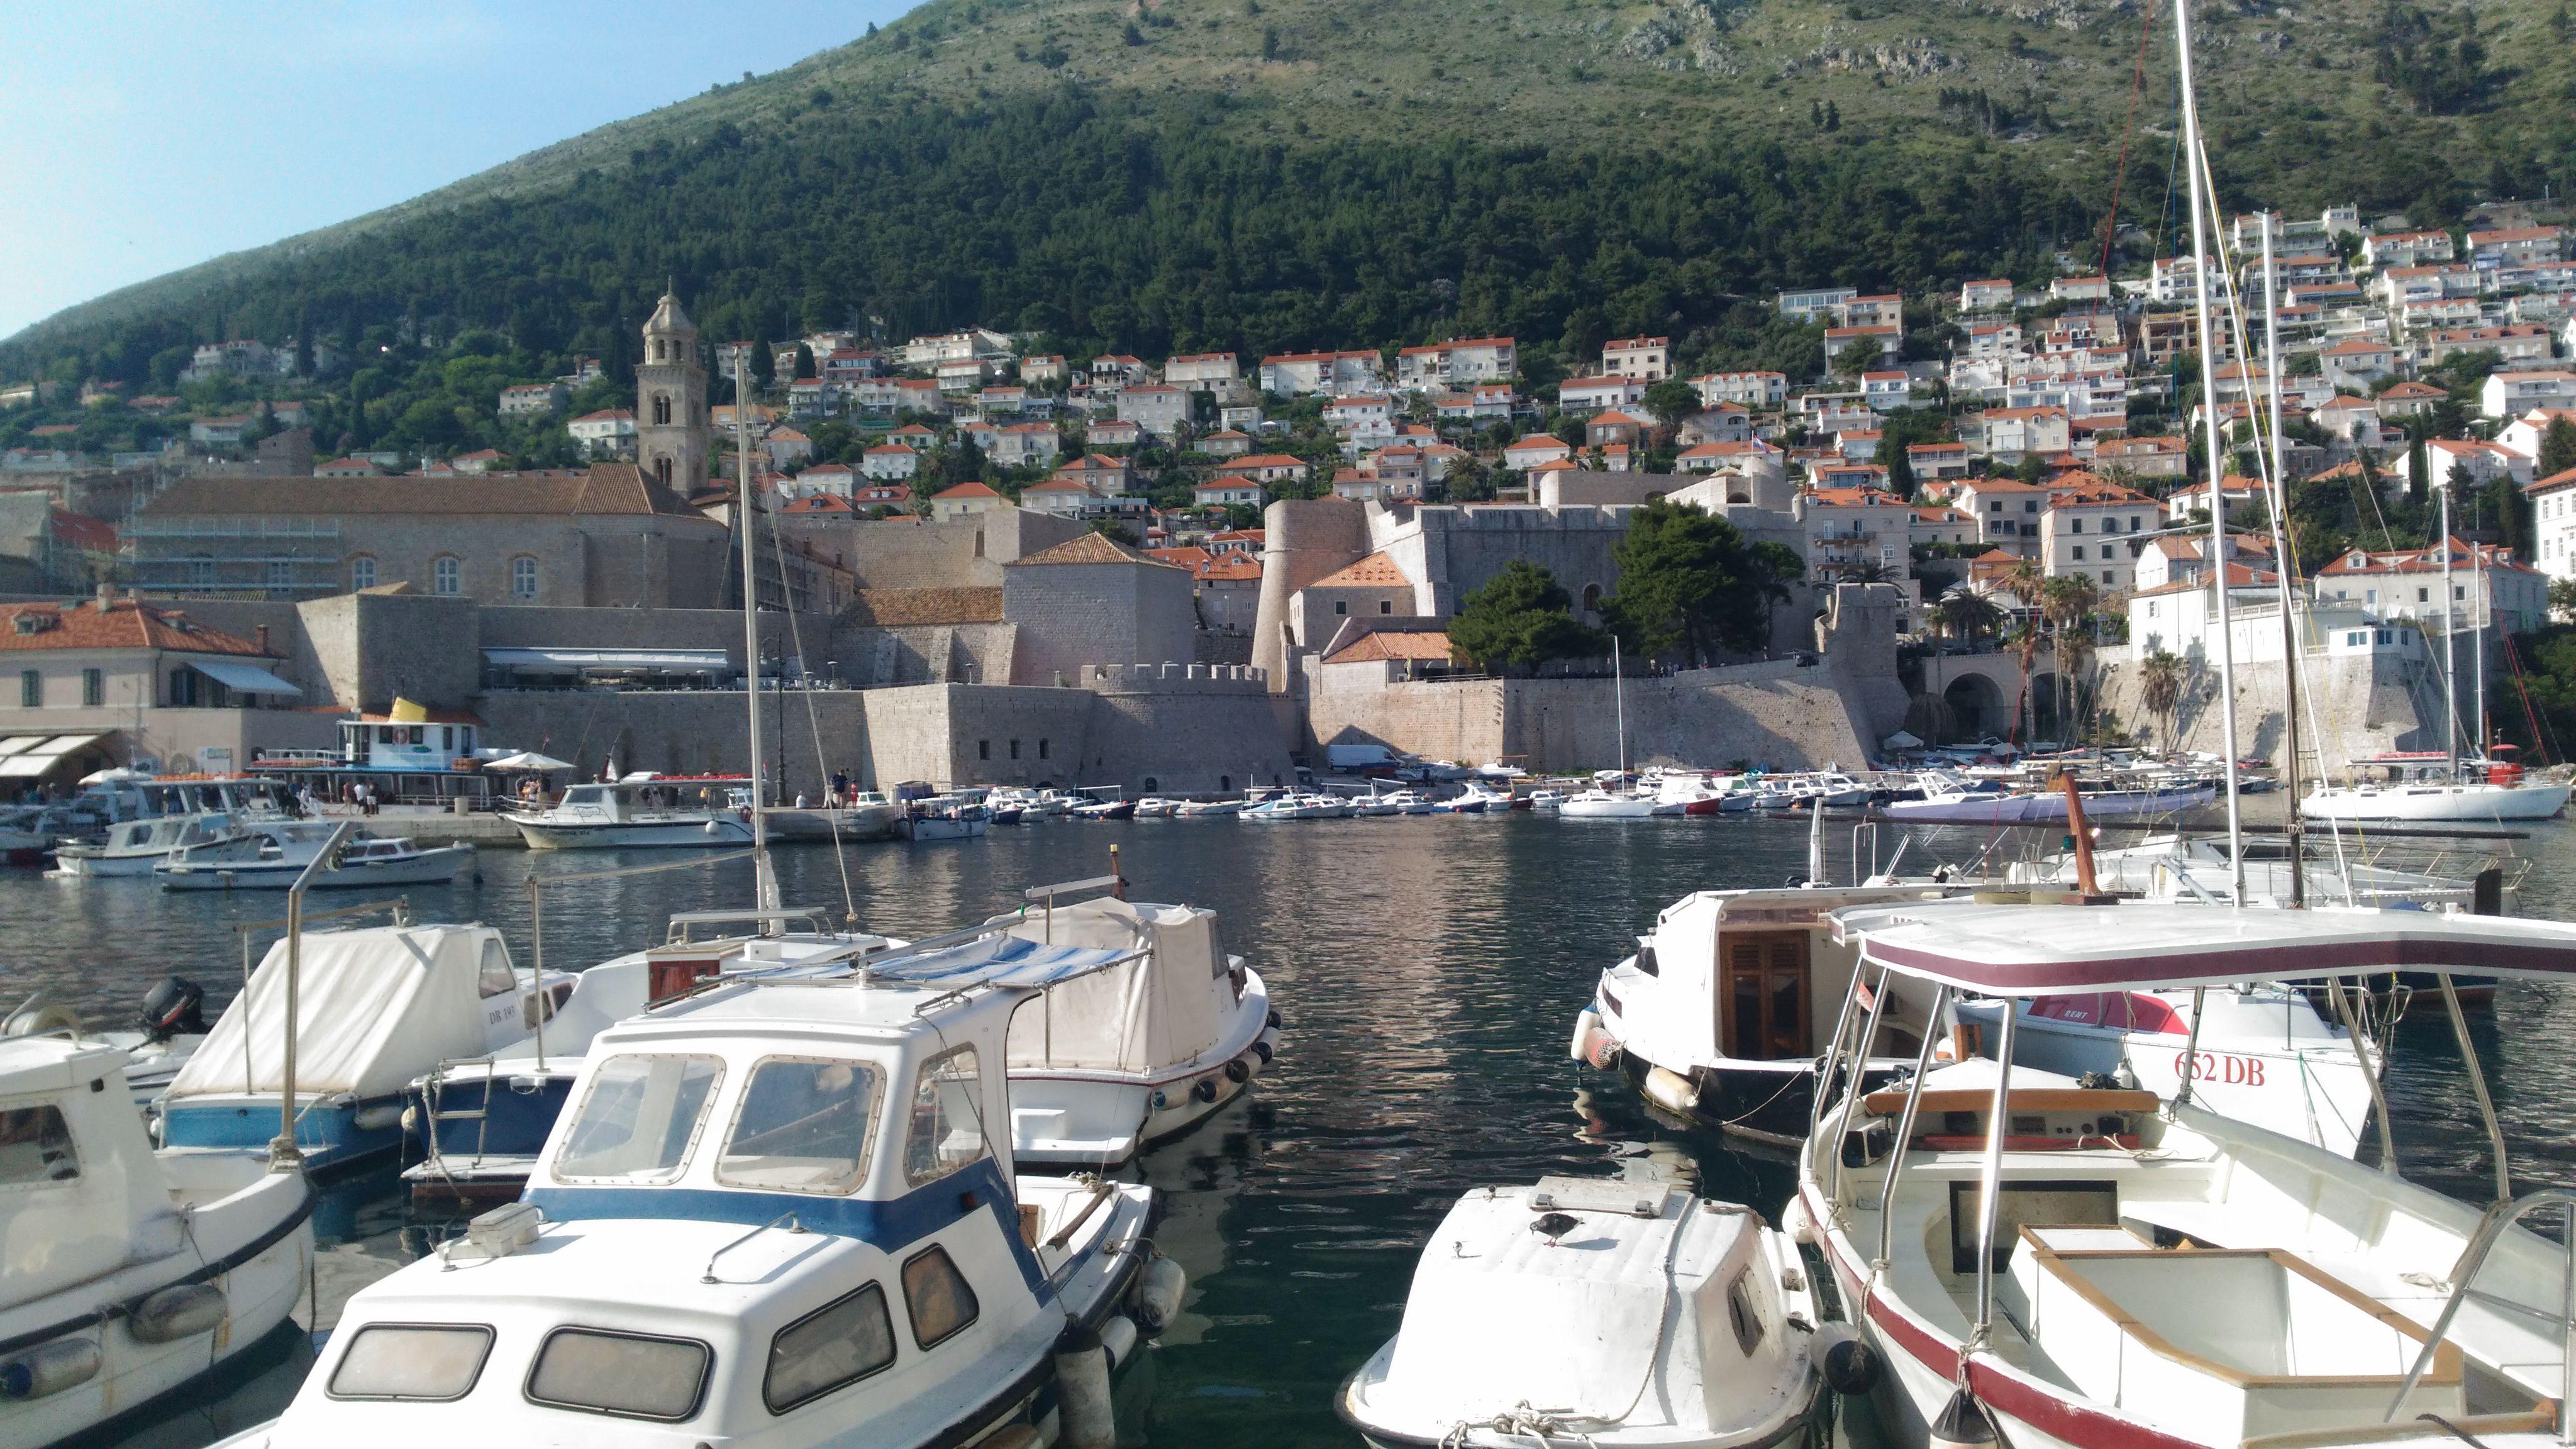 Dubrovnik'ten Tepeye Doğru Bakış